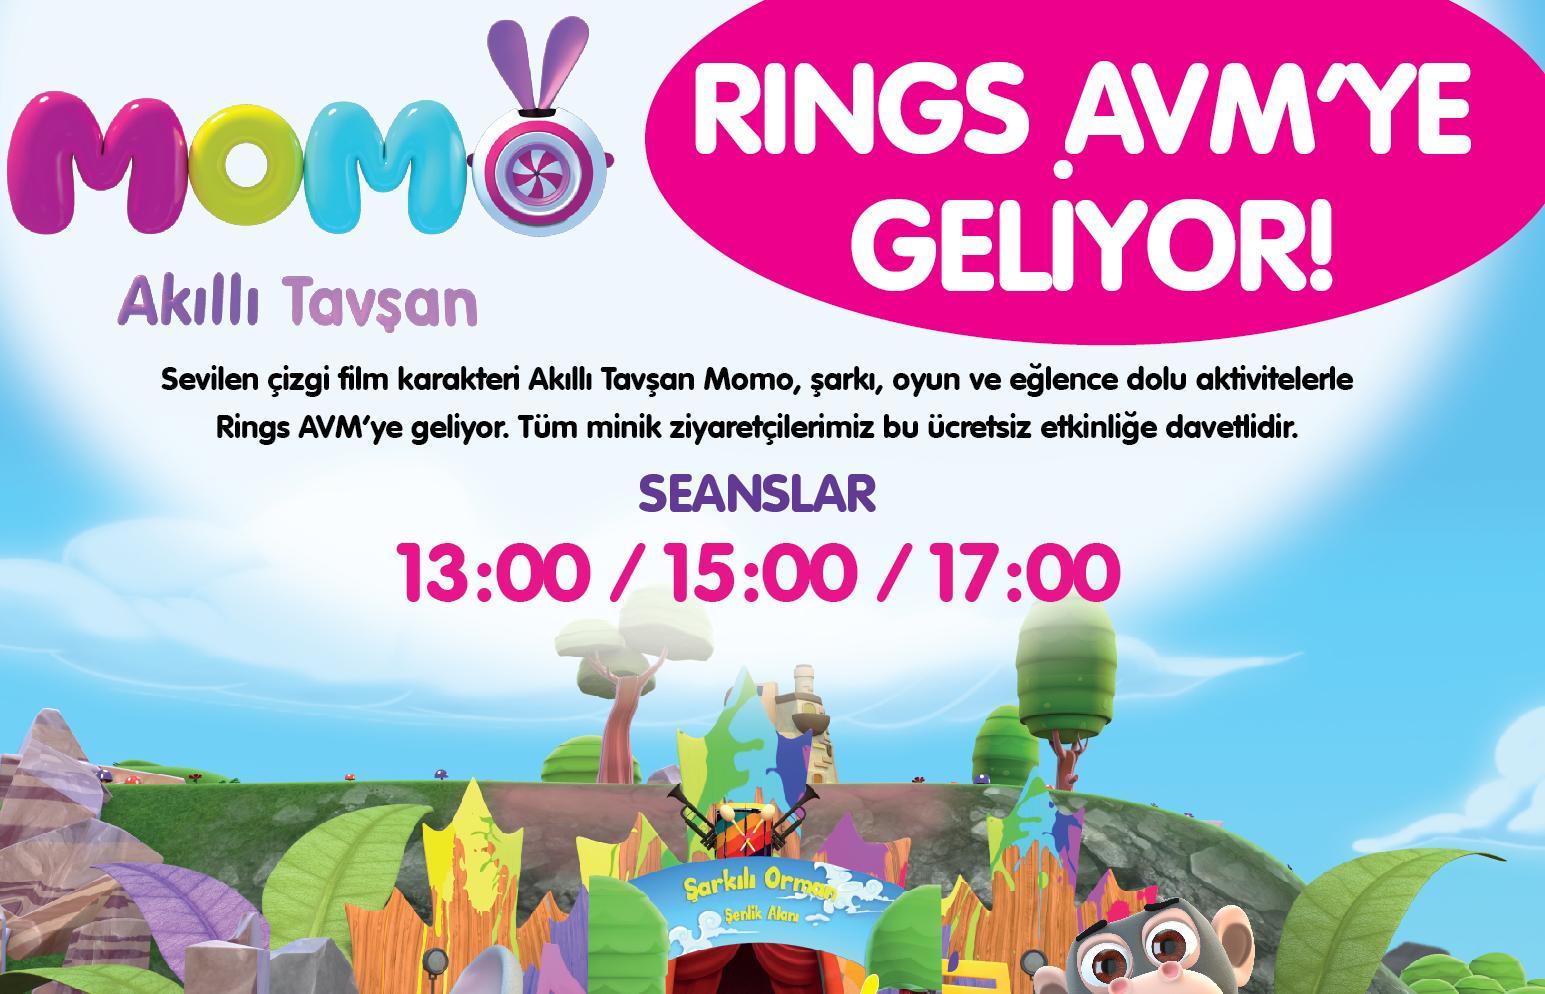 Akıllı Tavşan Momo Rings AVM'ye Geliyor!